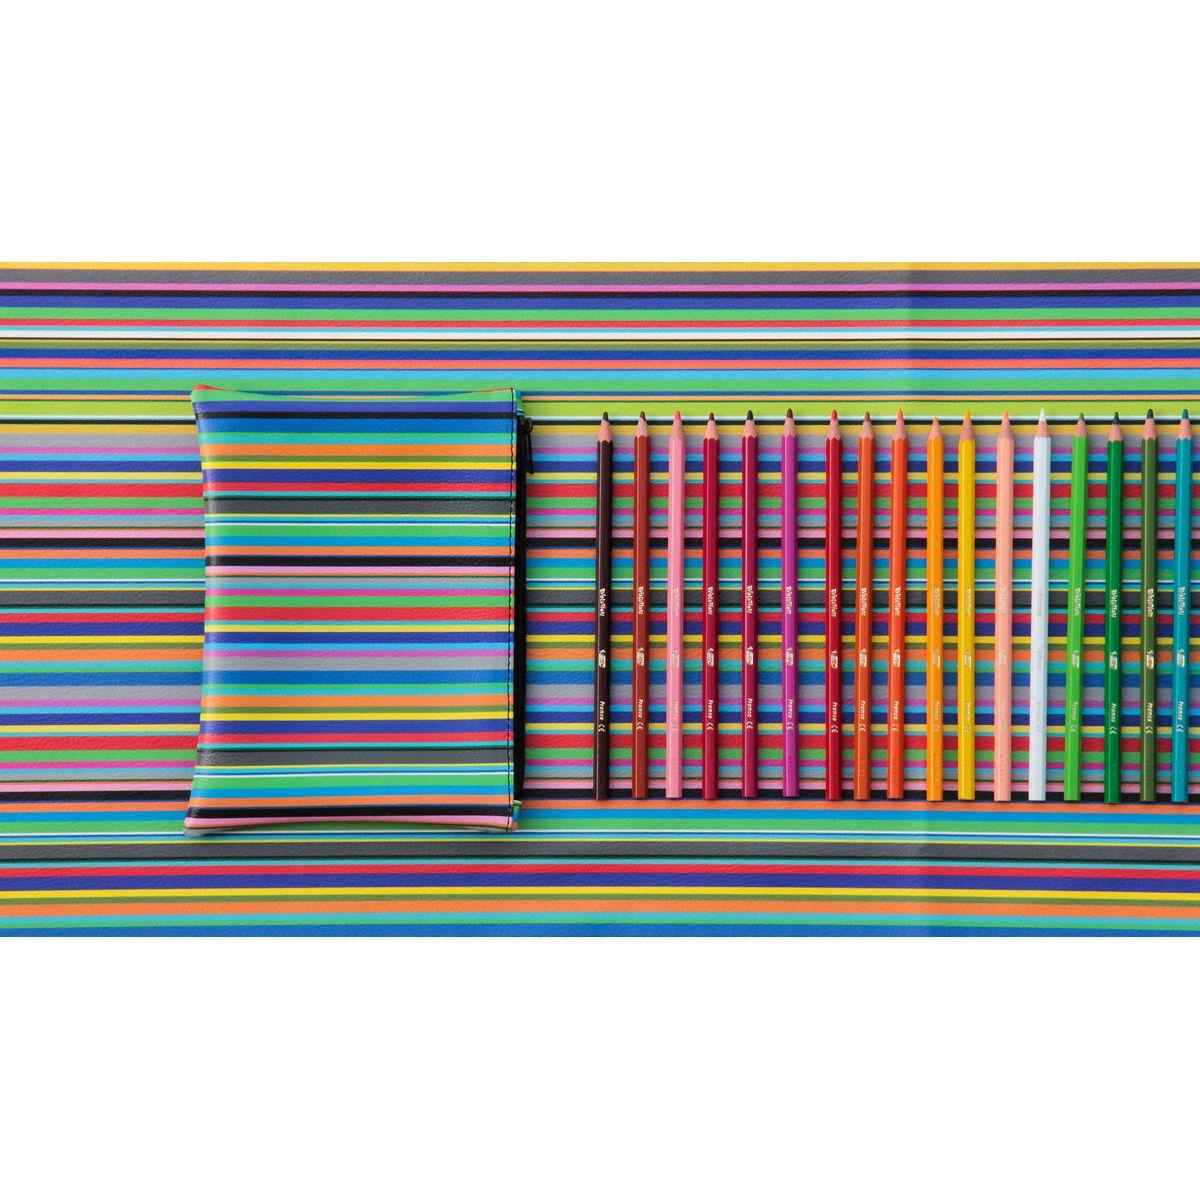 Pochette o astuccio da viaggio con fantasia a righe verticali colorata Total Stripes